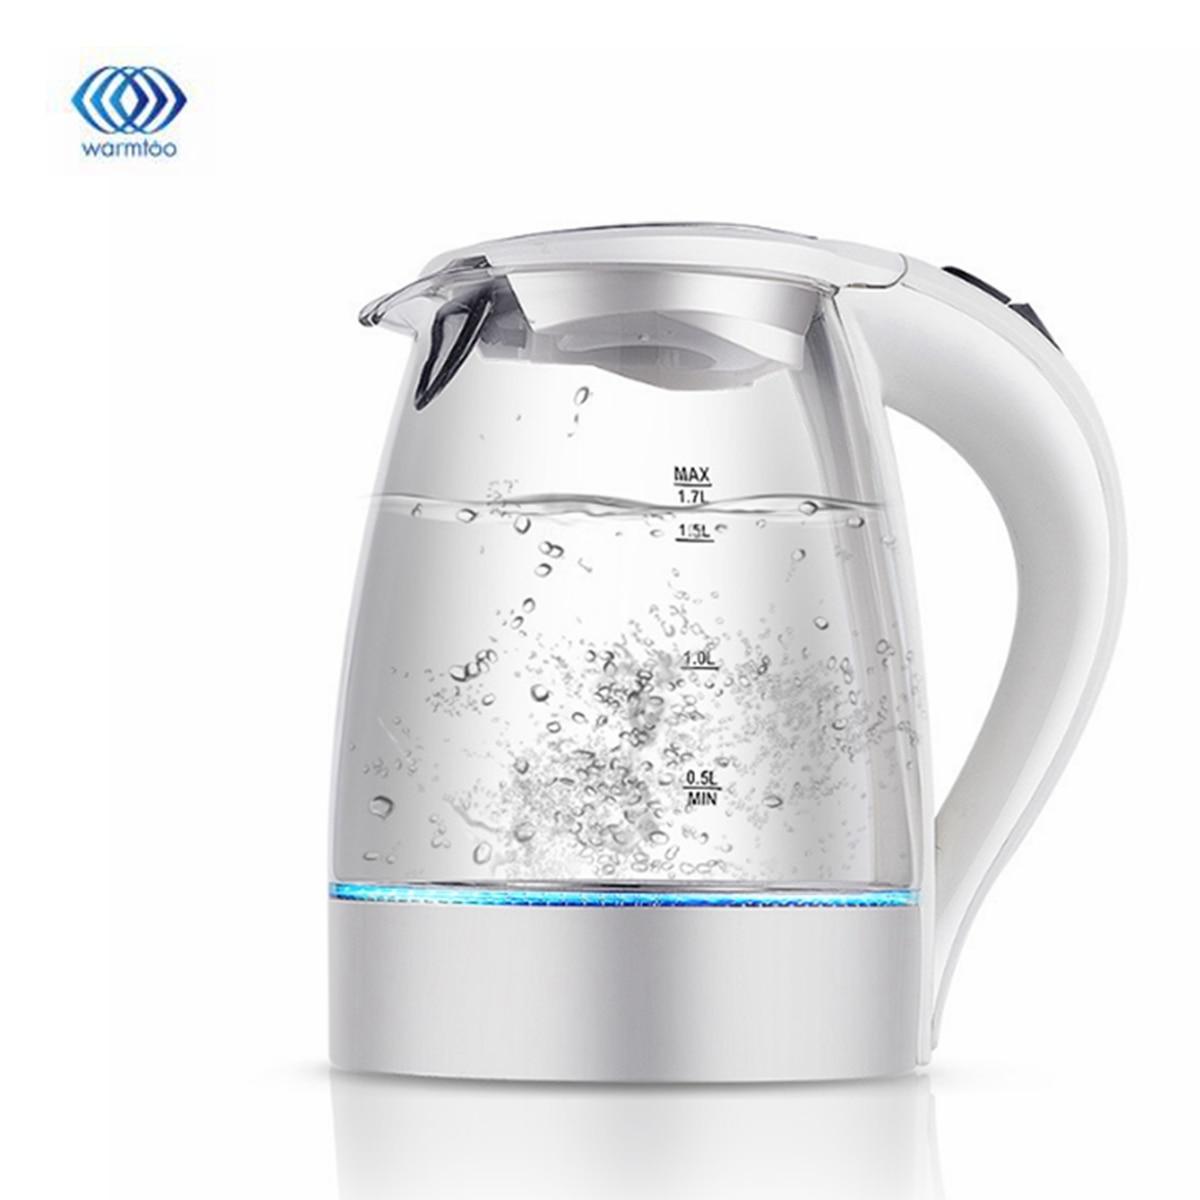 1.7L 2200W LED aydınlatmalı cam su ısıtıcısı elektrikli hızlı kaynatın kablosuz elektrikli su ısıtıcı elektrikli su ısıtıcısı çaydanlık akıllı su ısıtıcısı mutfak